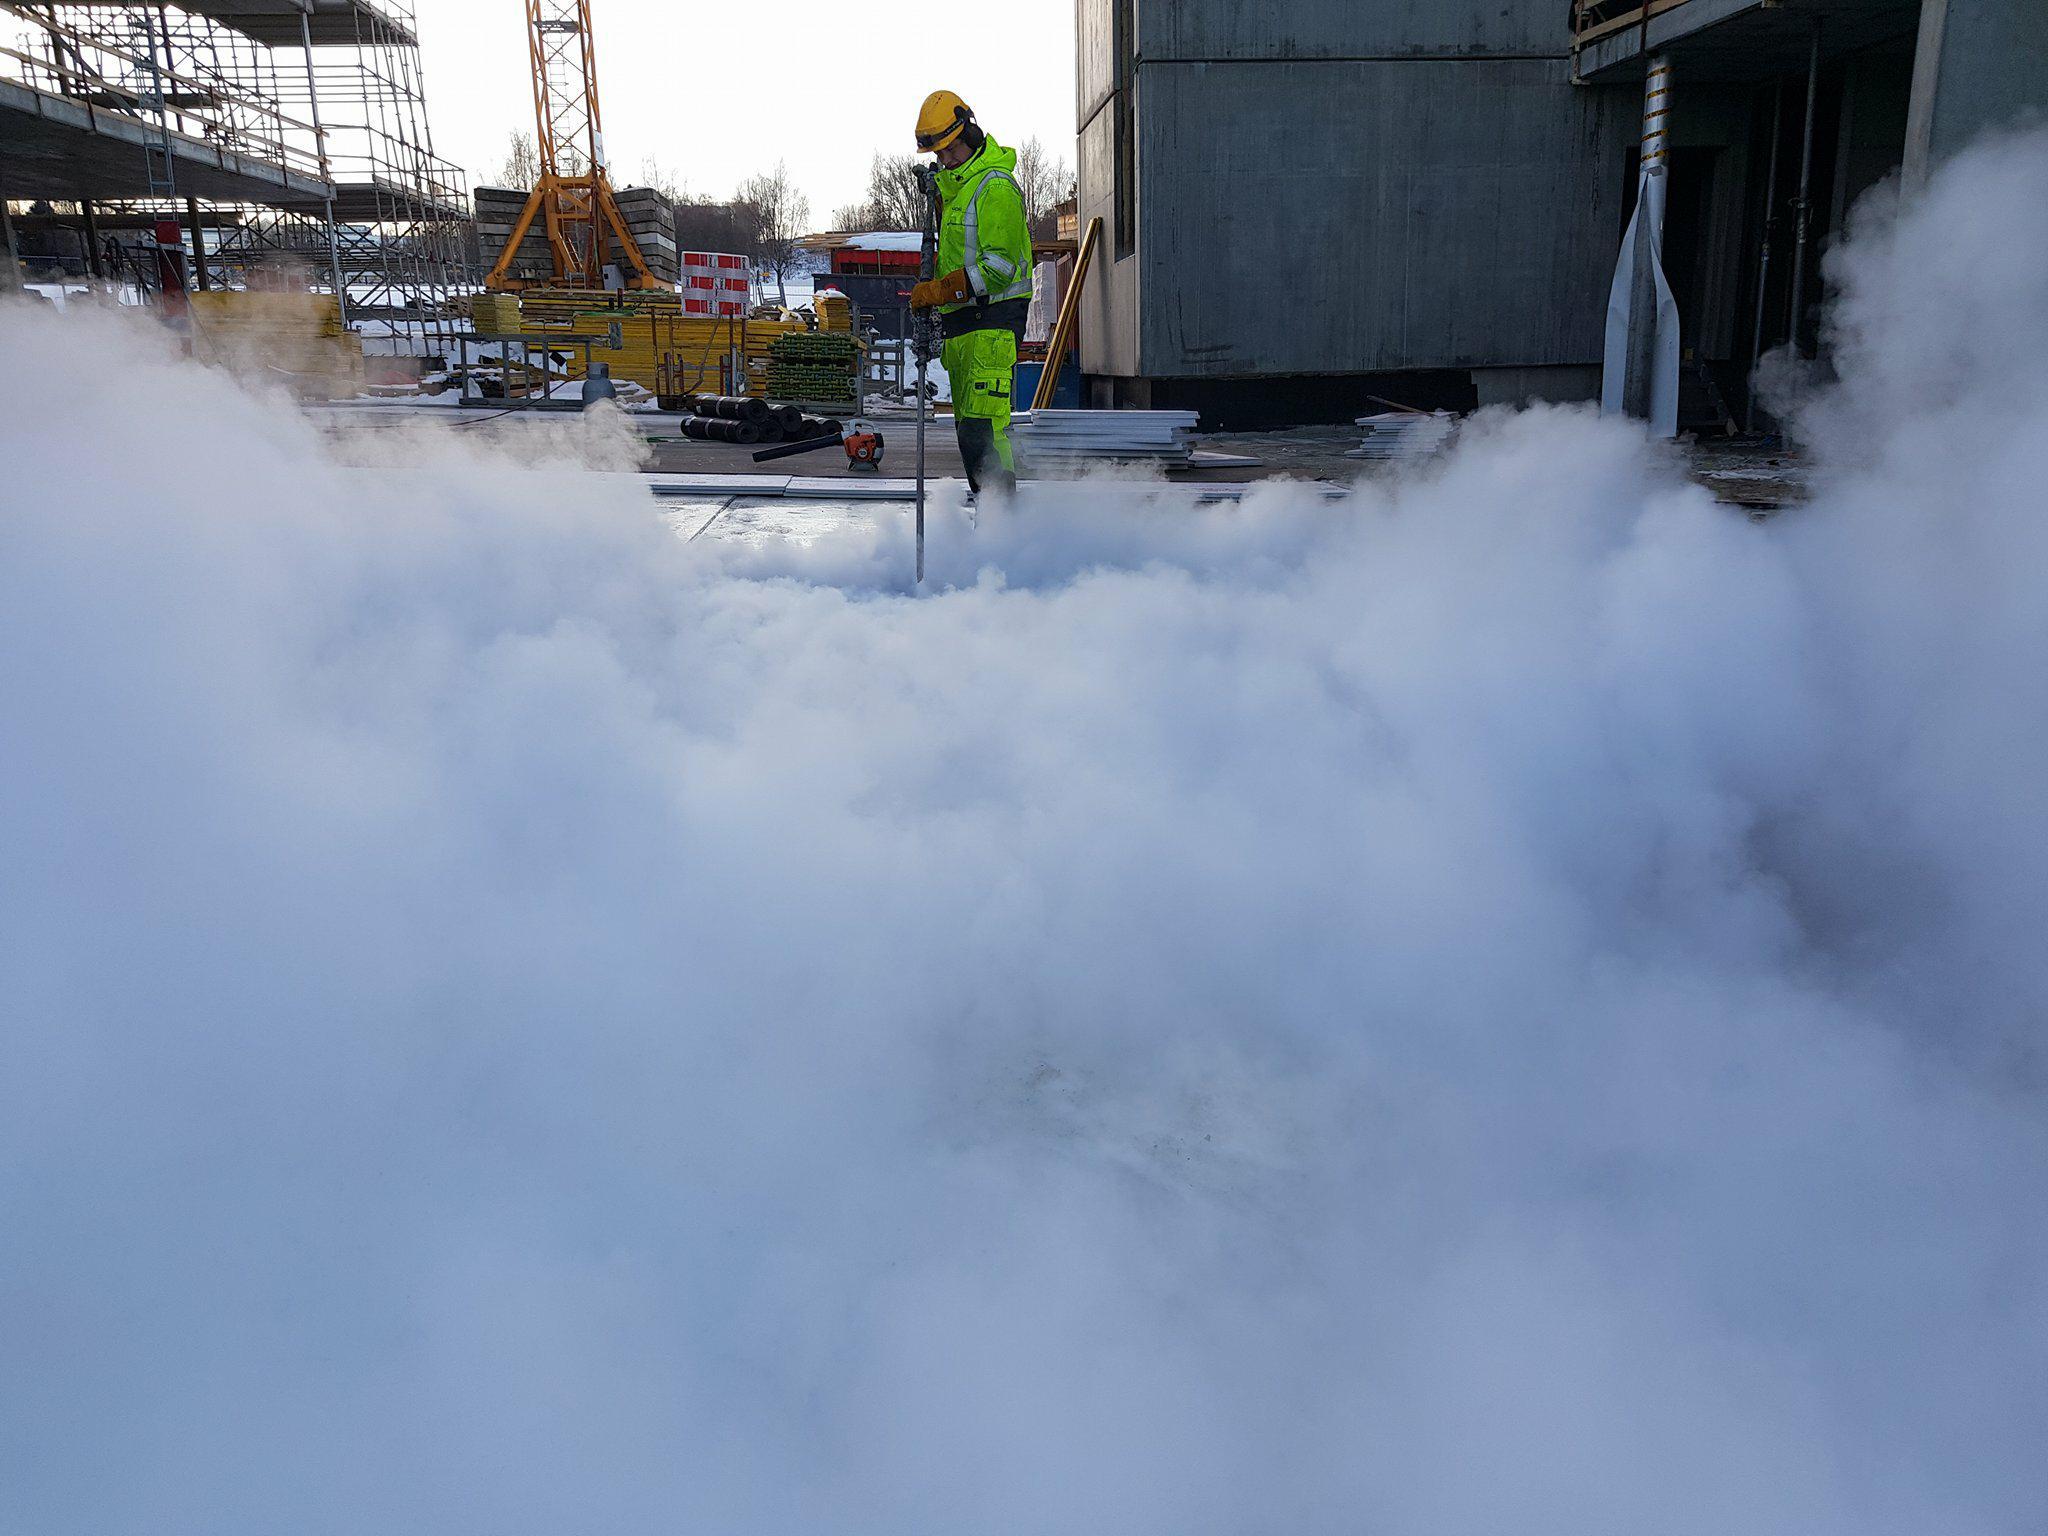 Steaming av is